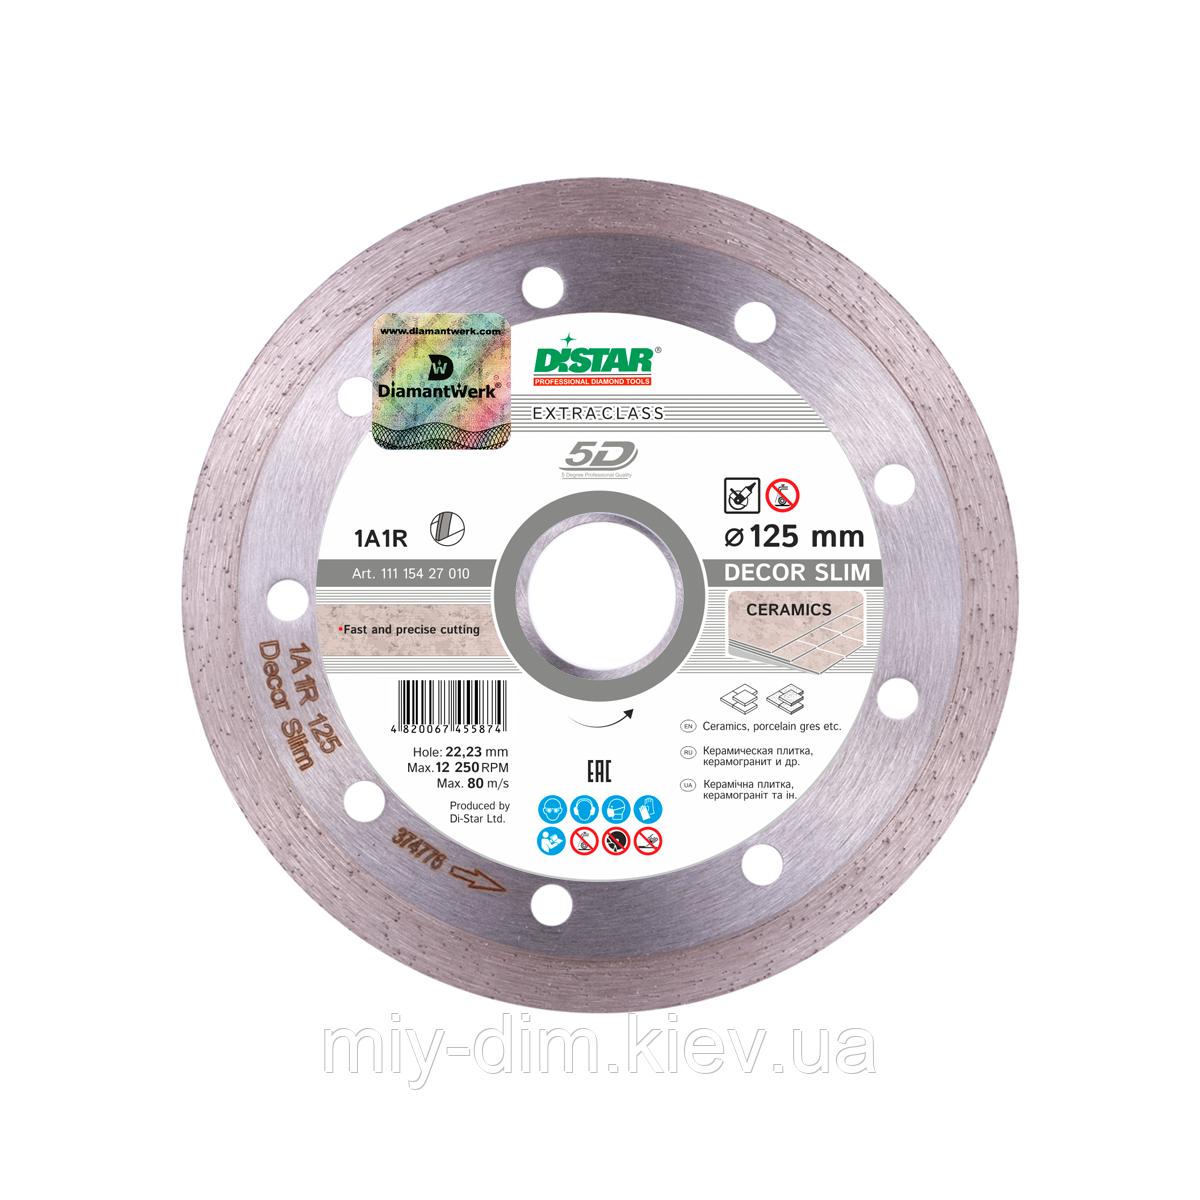 Алмазний відрізний диск DISTAR по керамічній плитці, мармуру, 125мм, 1A1R Decor Slim 5D/ 11115427010